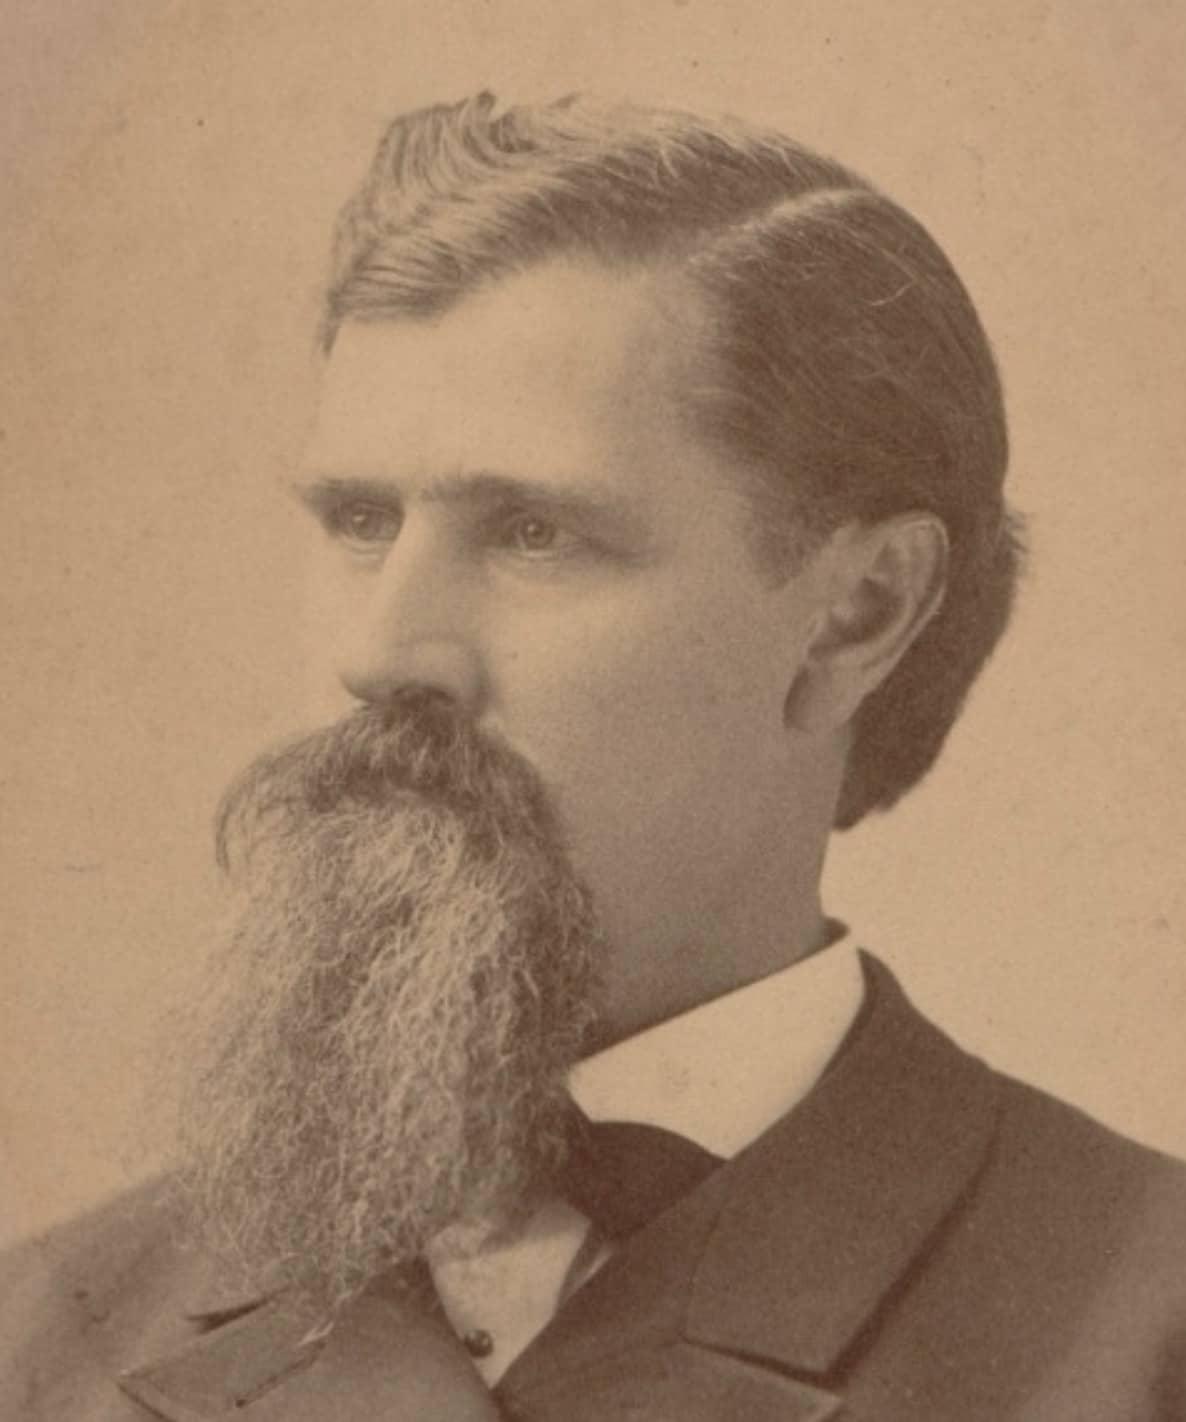 James H. Berry public domain